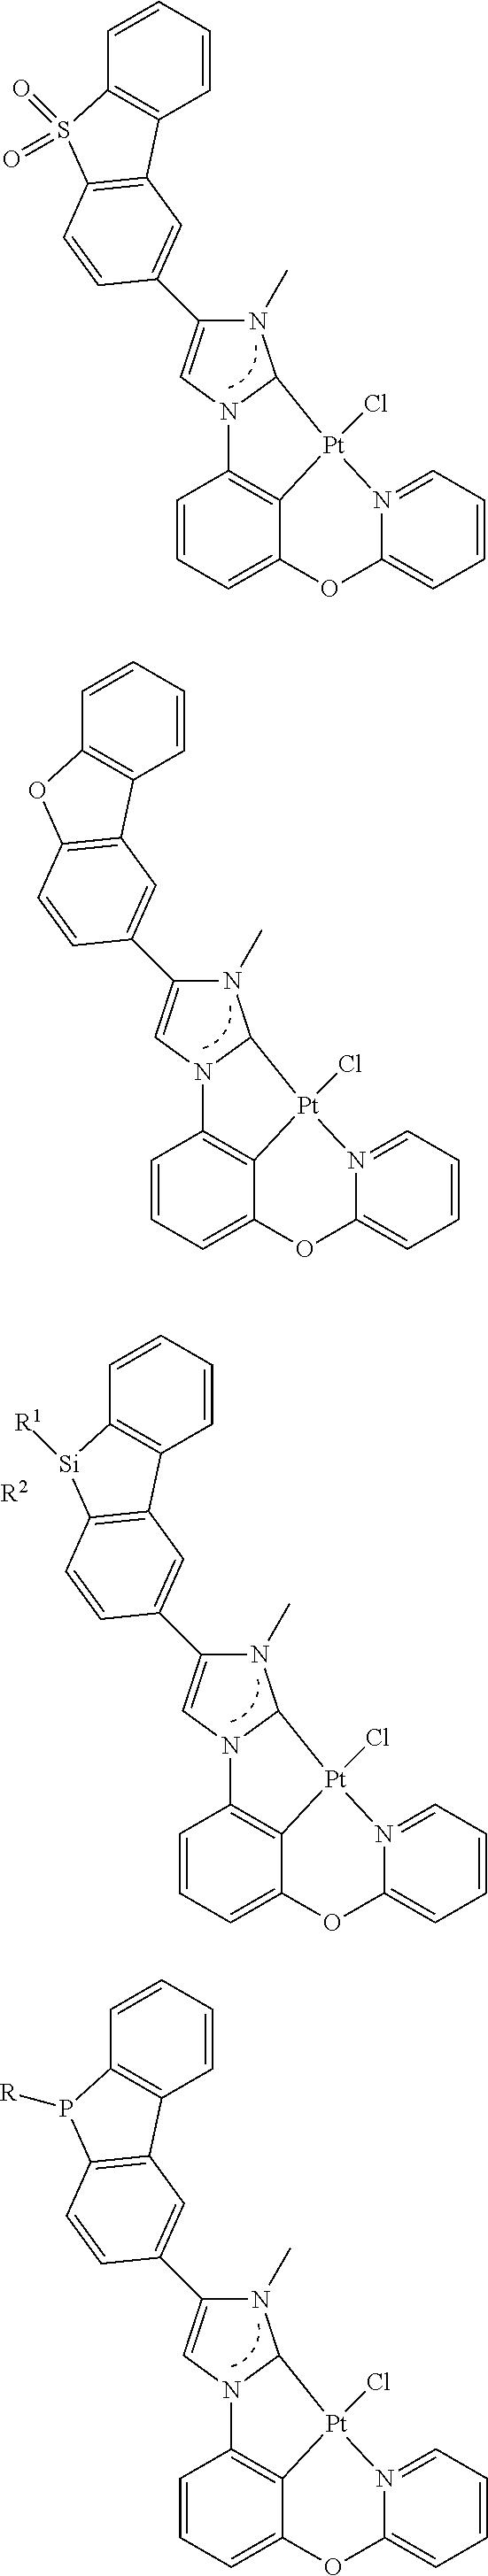 Figure US09818959-20171114-C00139